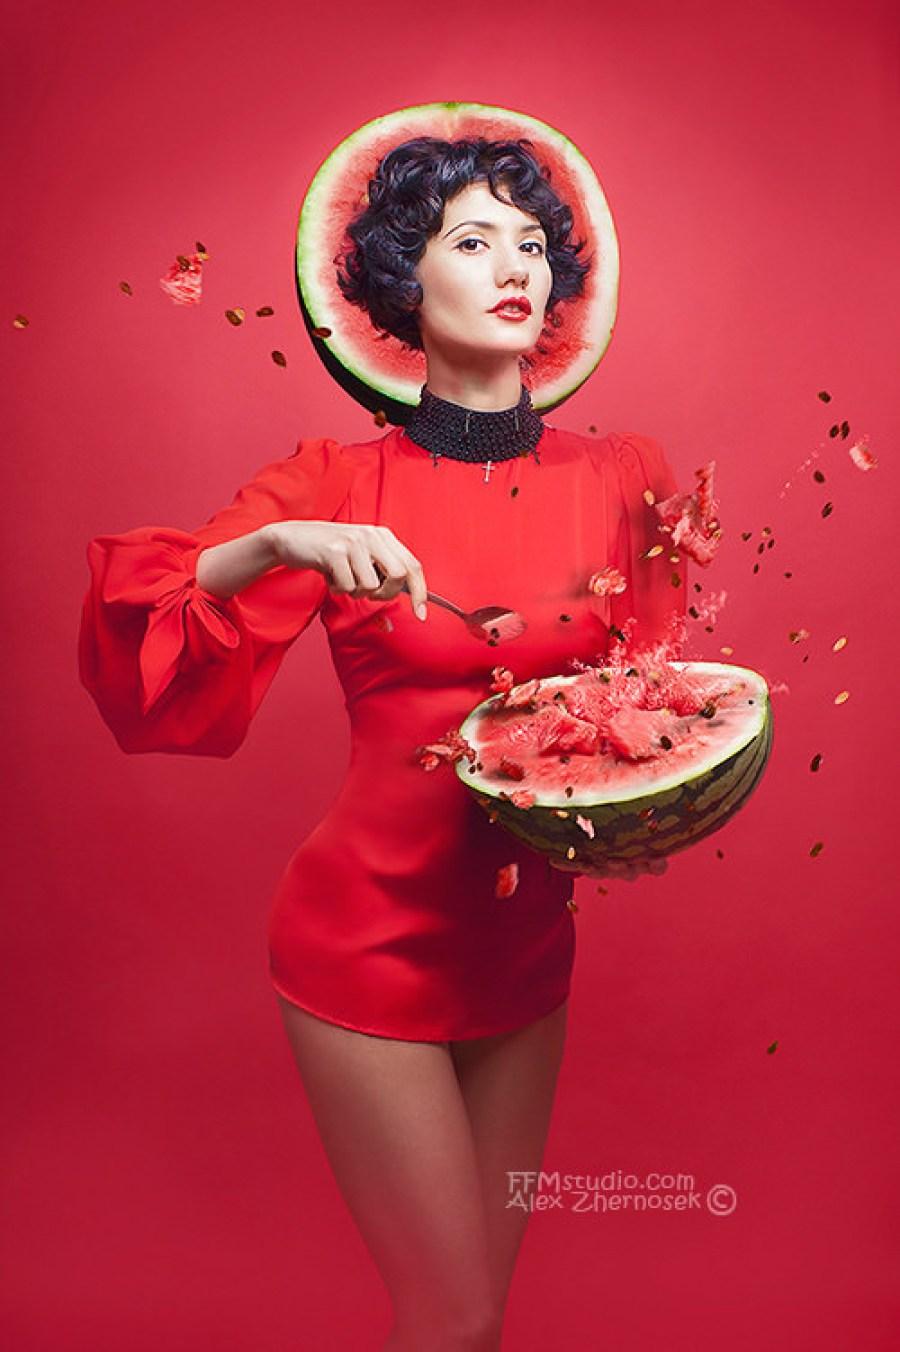 New Vegetarians by Alex Zhernosek